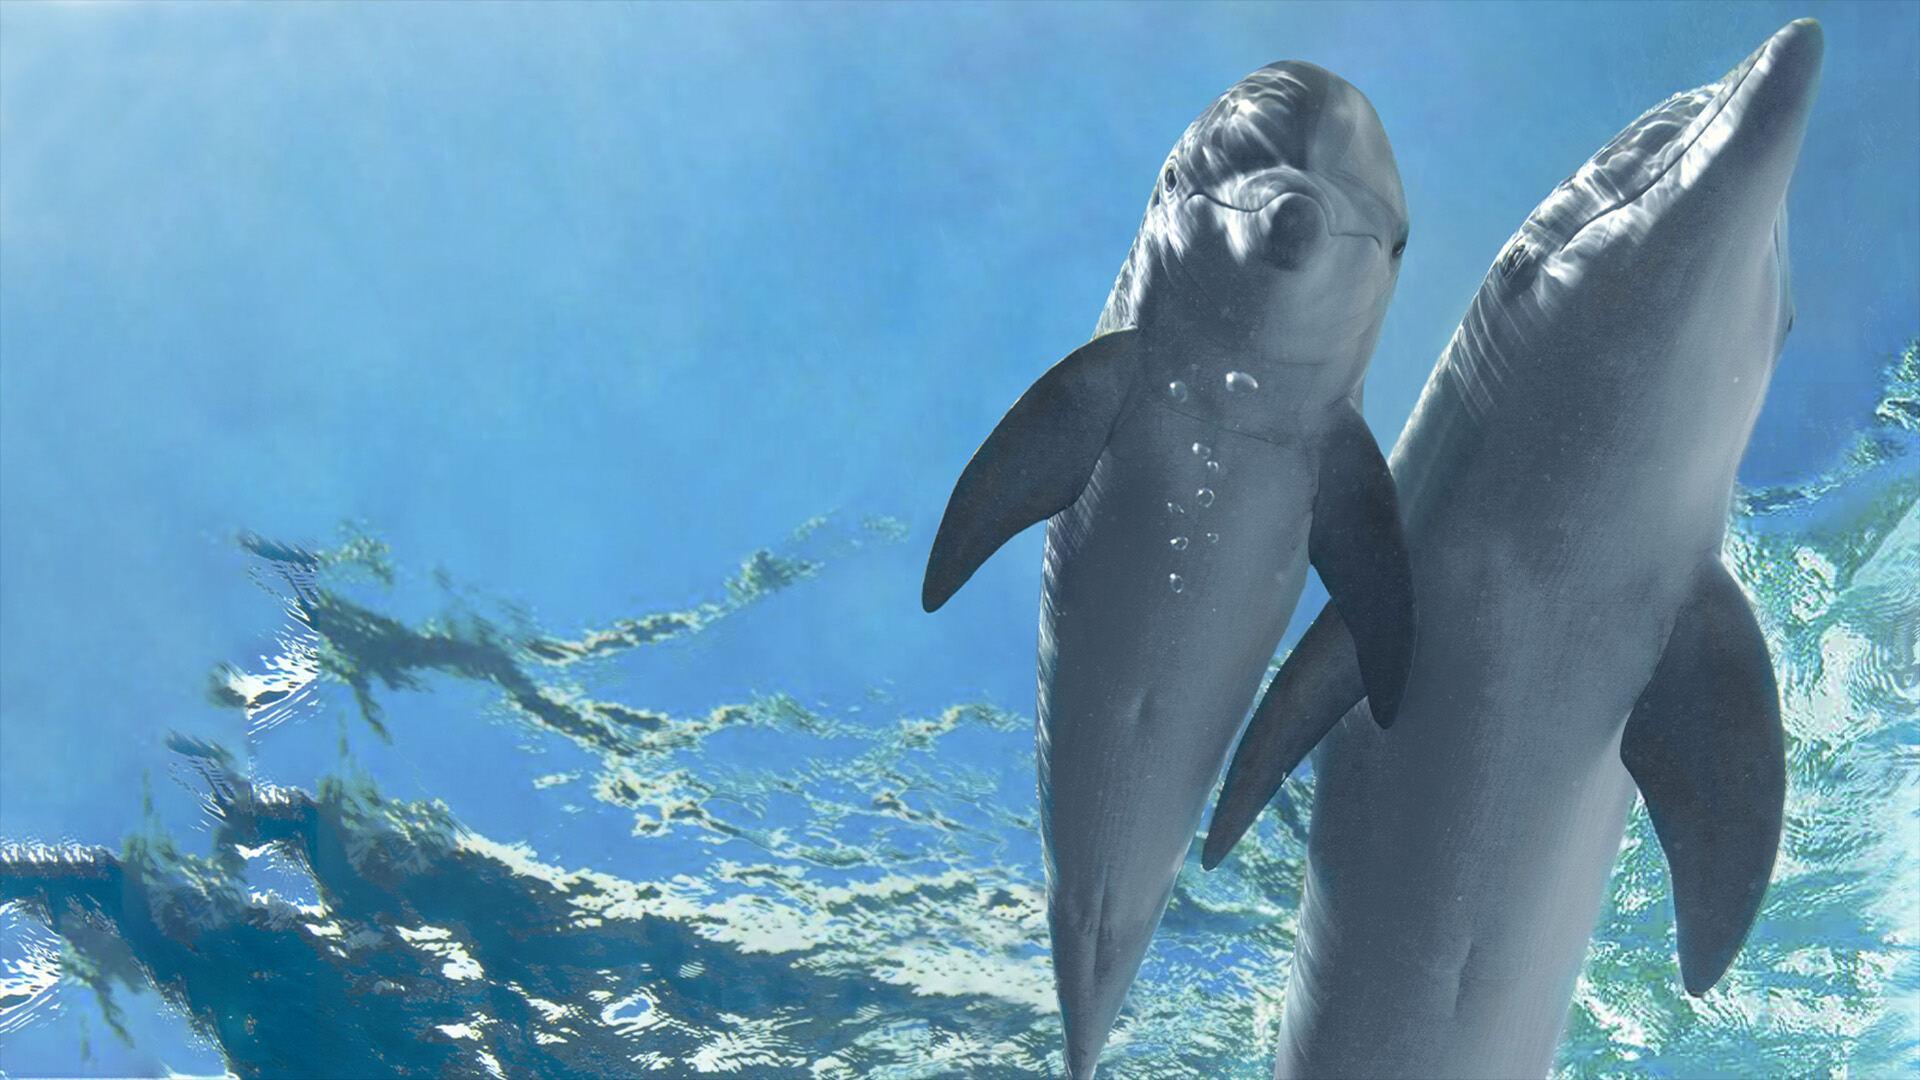 Premium Cinema 2 L'incredibile storia di Winter il delfino 2